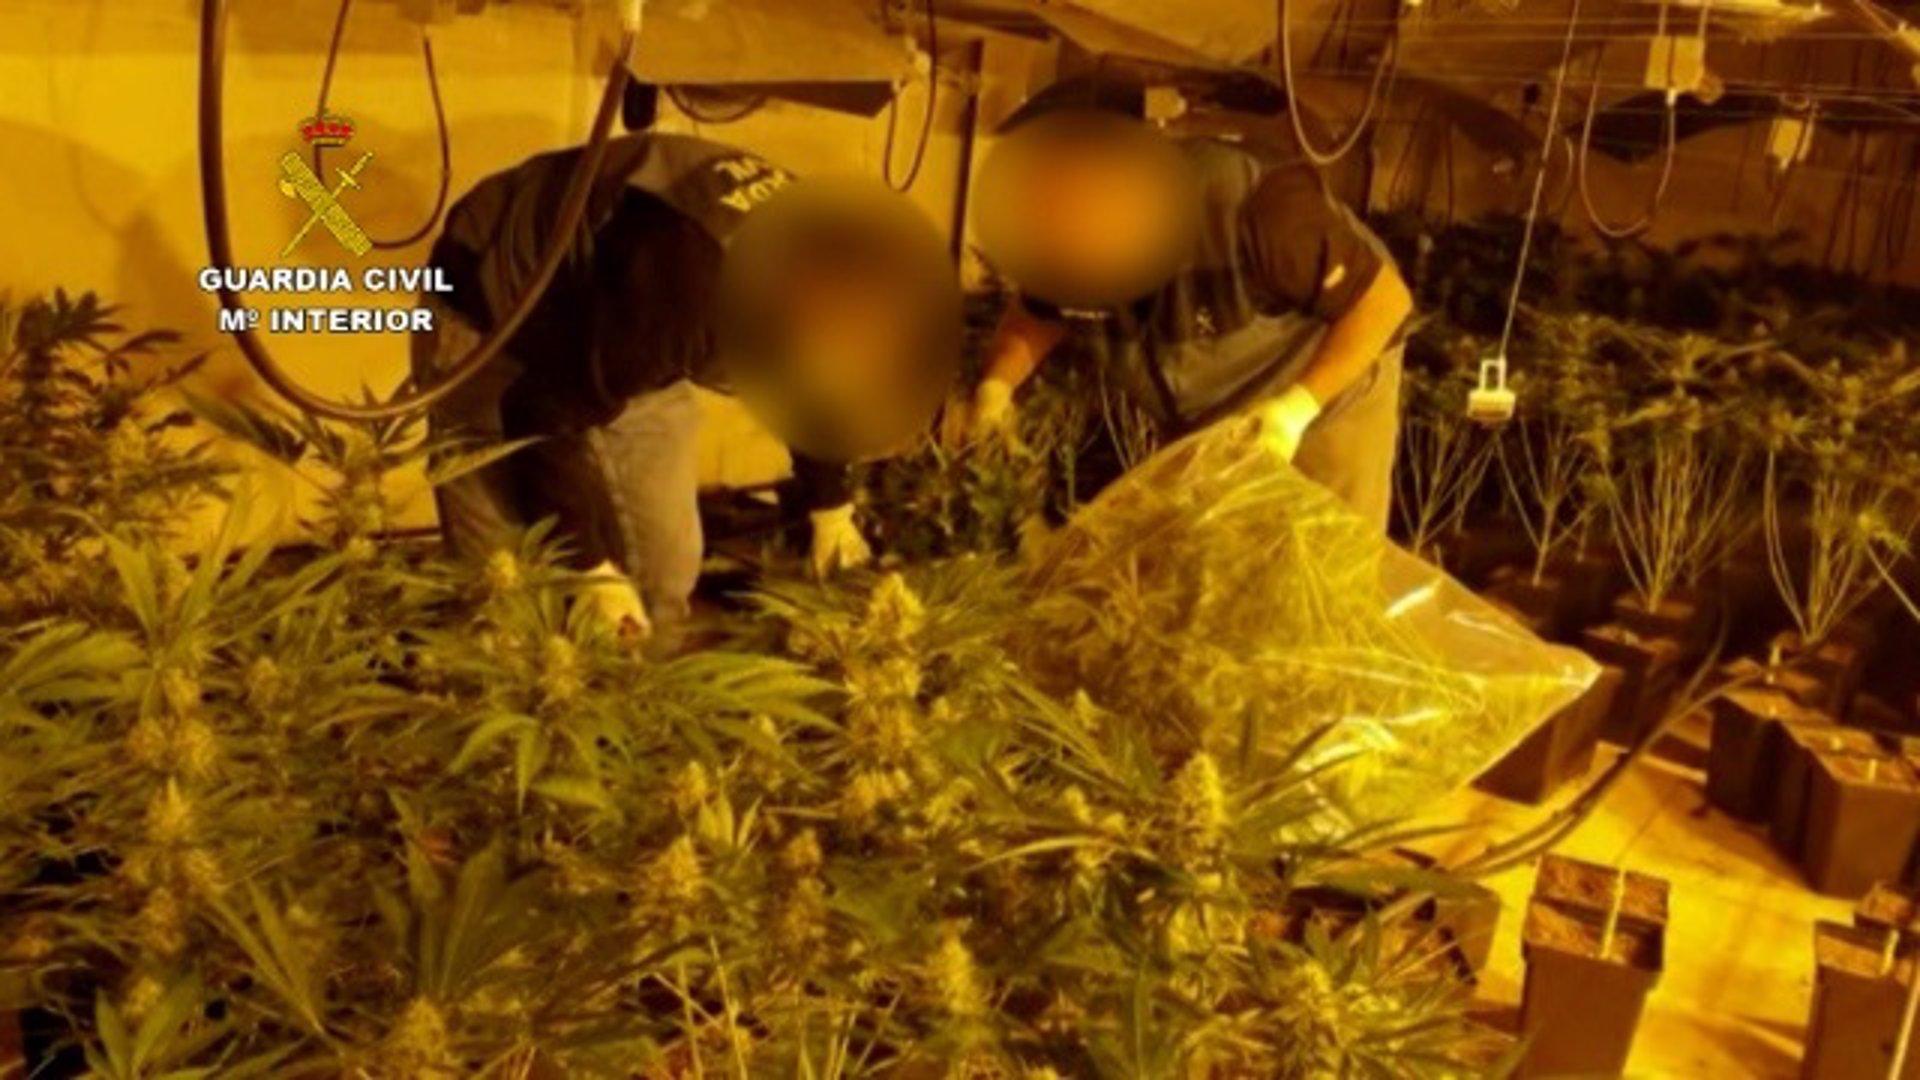 Treinta detenidos en la operación 'Castrum' contra la banda que distribuía marihuana a Europa